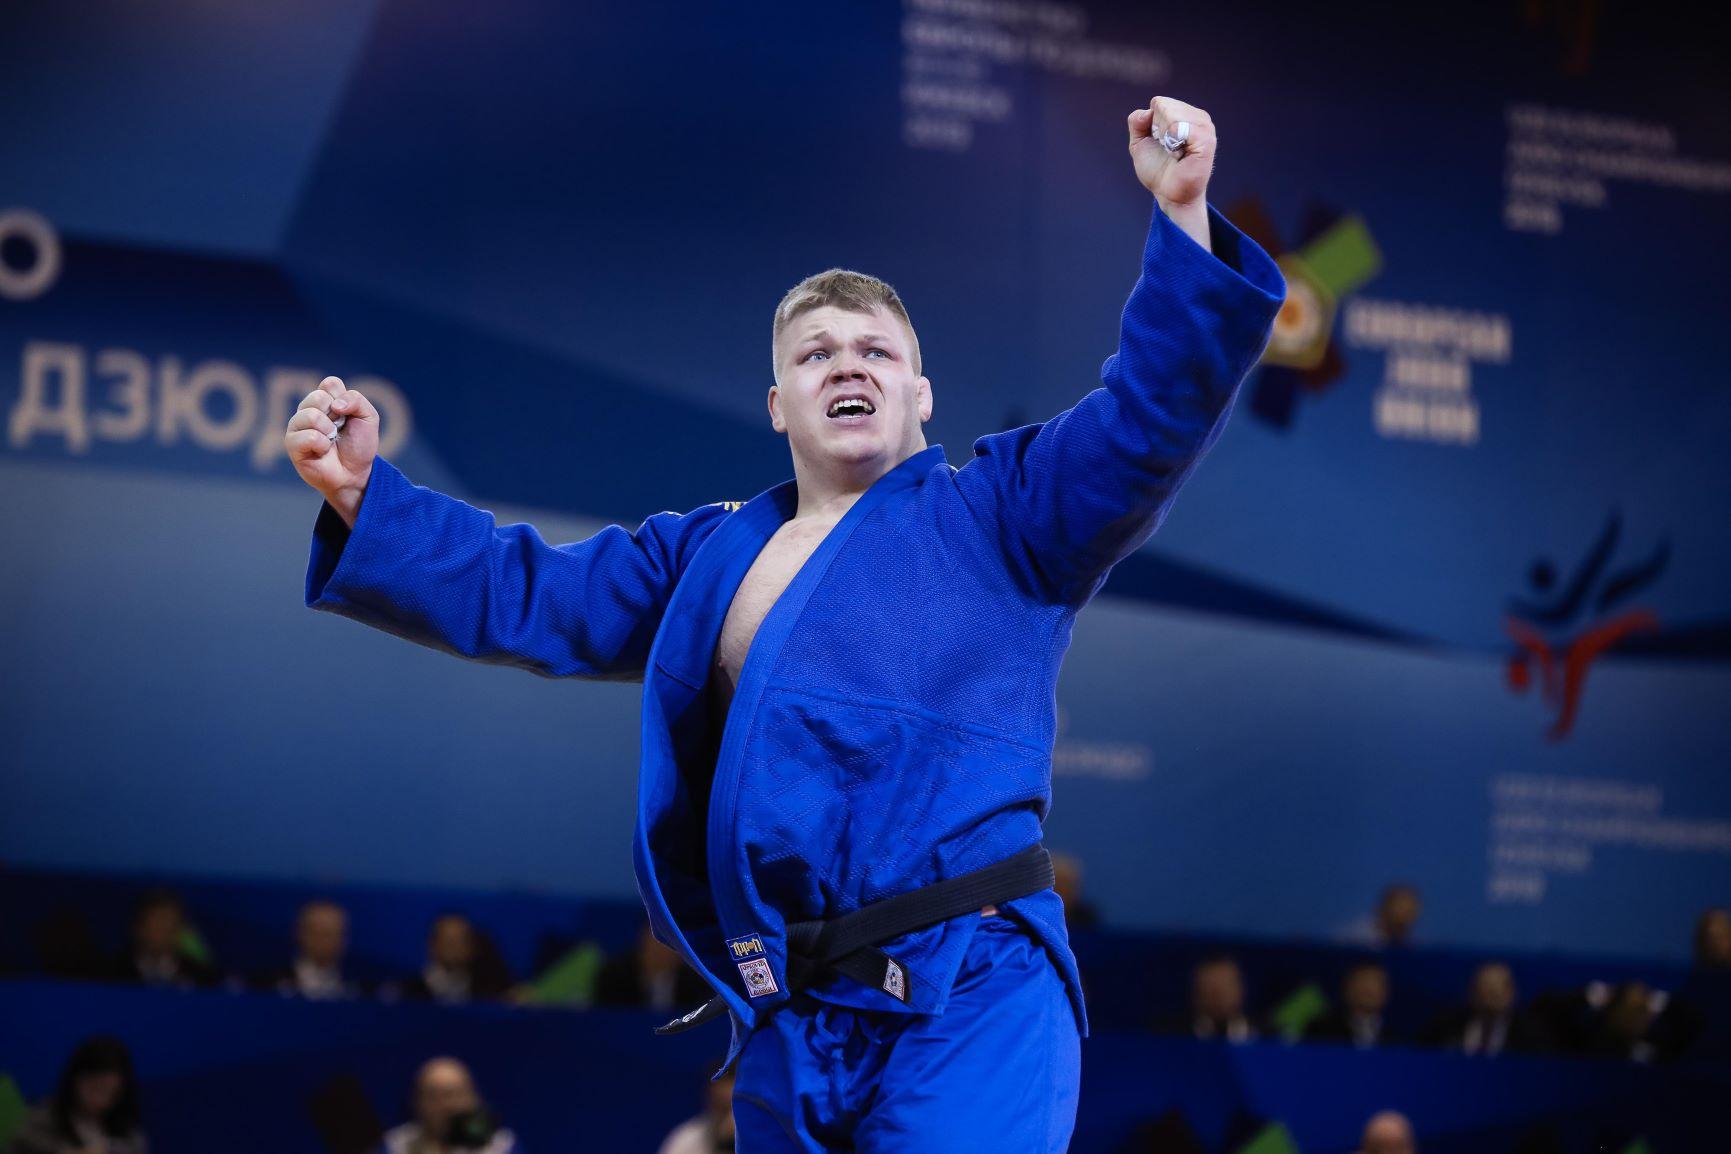 Judoka tuulettaa sinisessä judoasussa